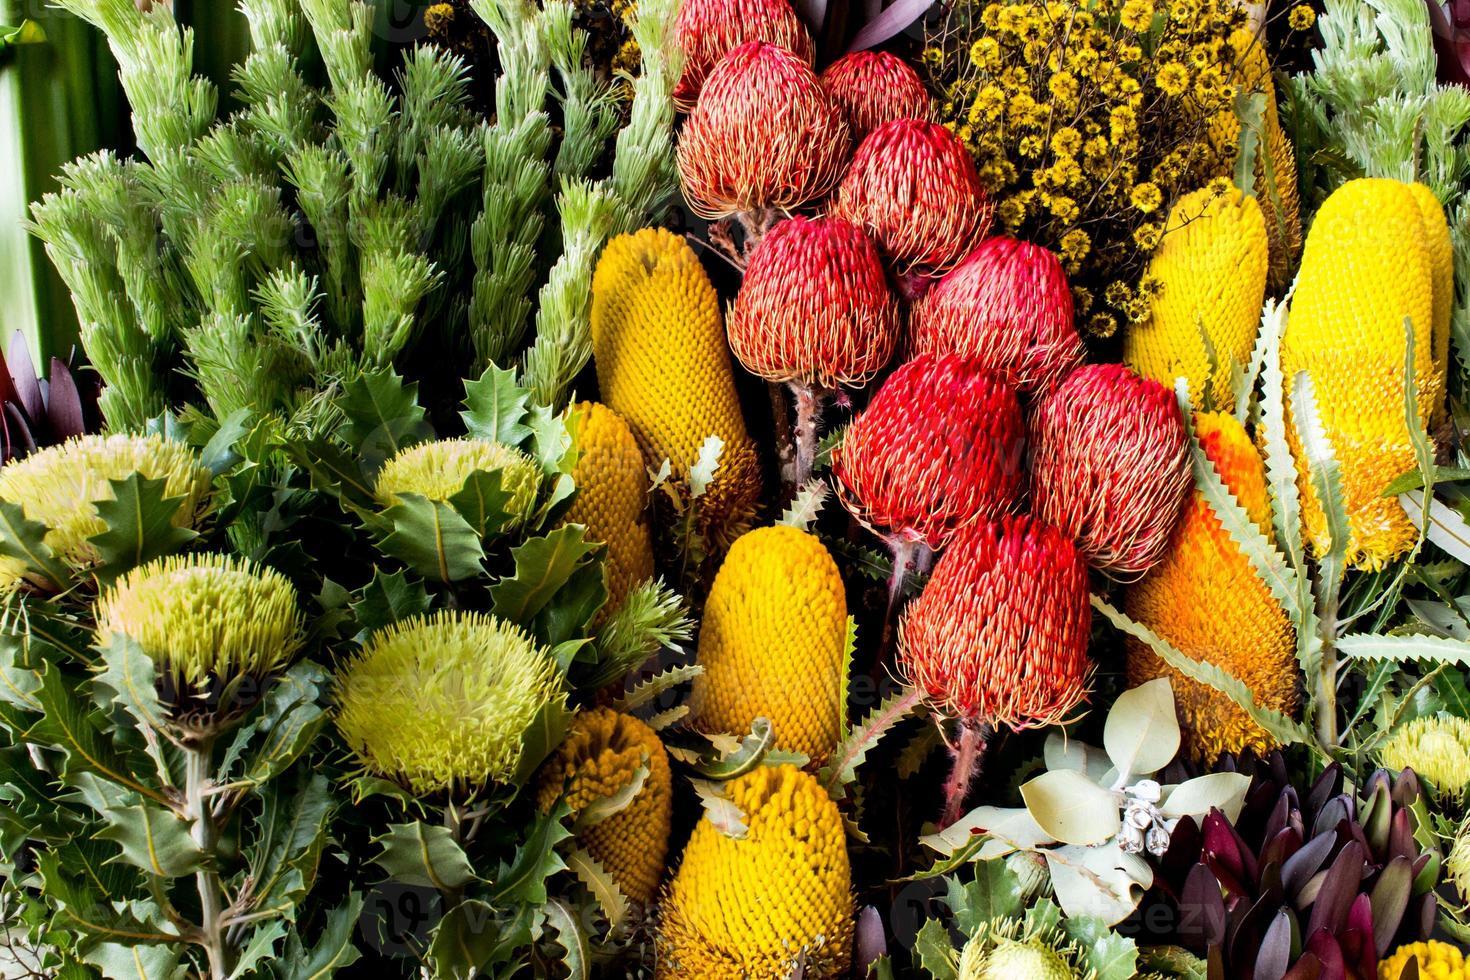 flores silvestres australianas de banksia y waratah foto